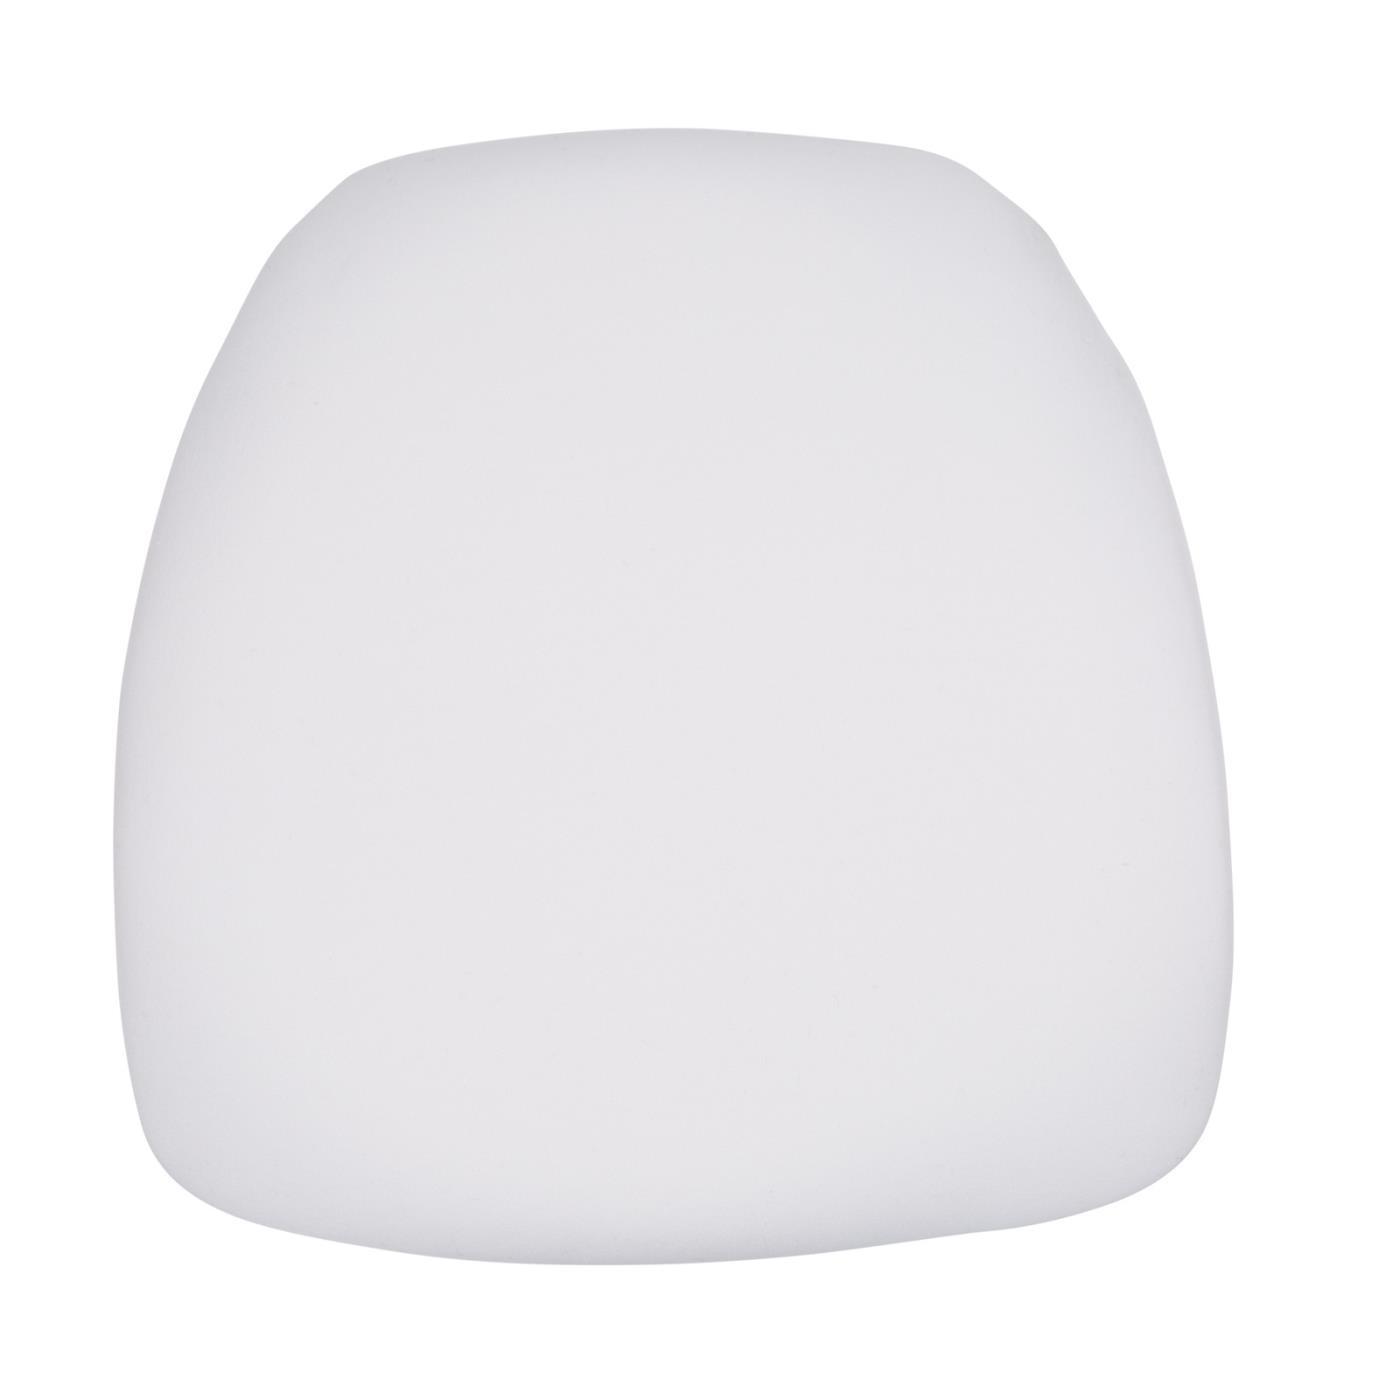 Omega Seat Cushion